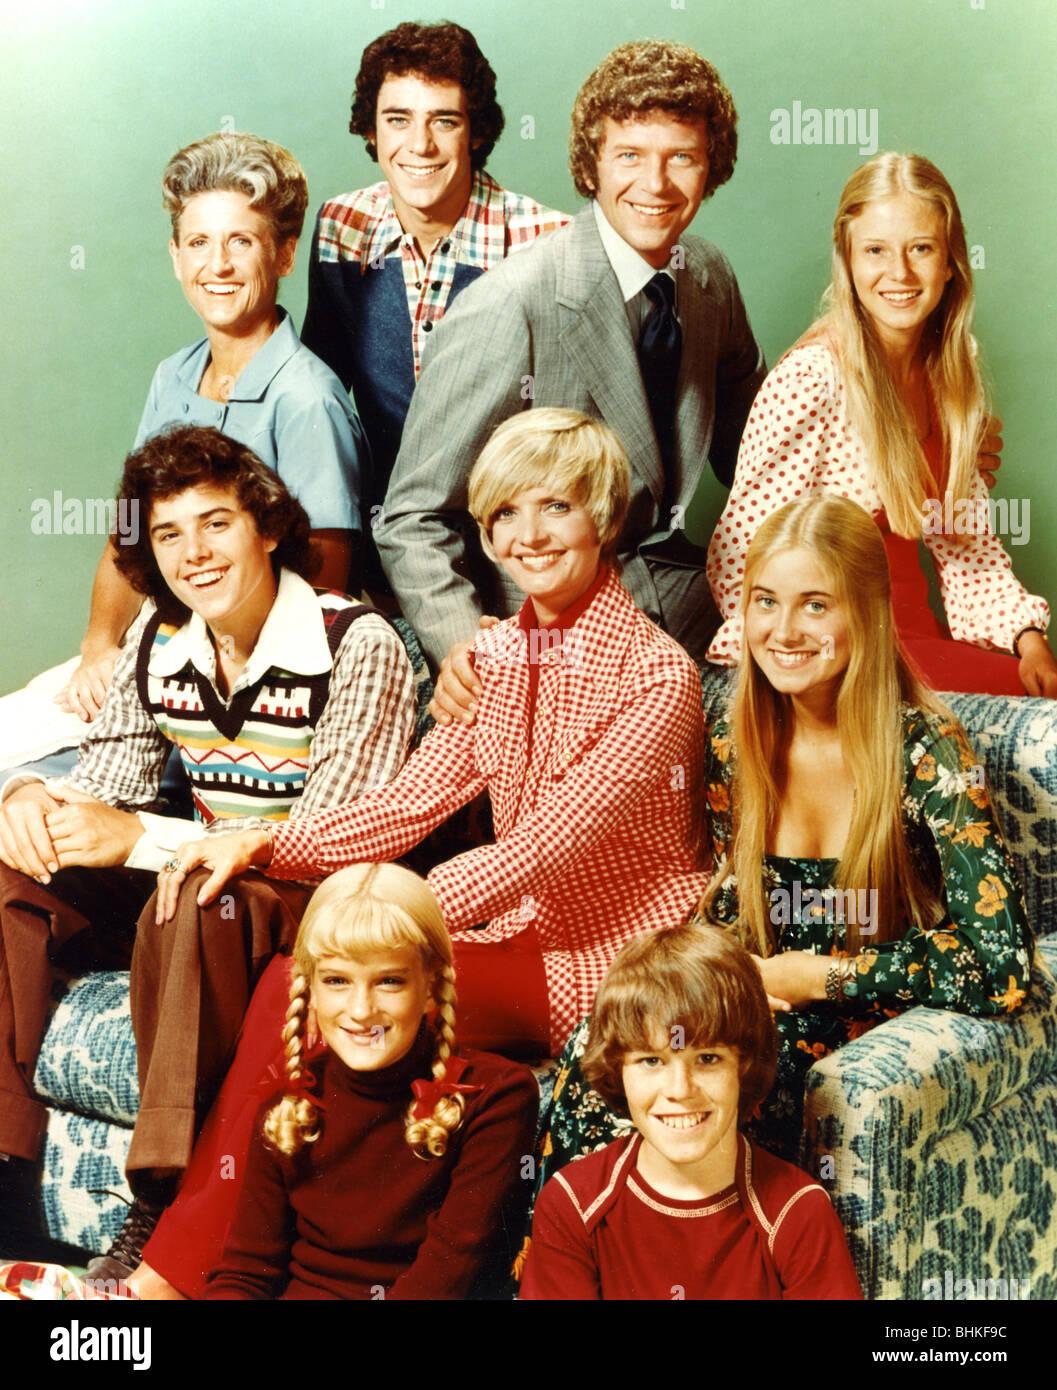 Les Brady Bunch - série TV US 1969-74 avec les directeurs Robert Reed et Florence Henderson Photo Stock